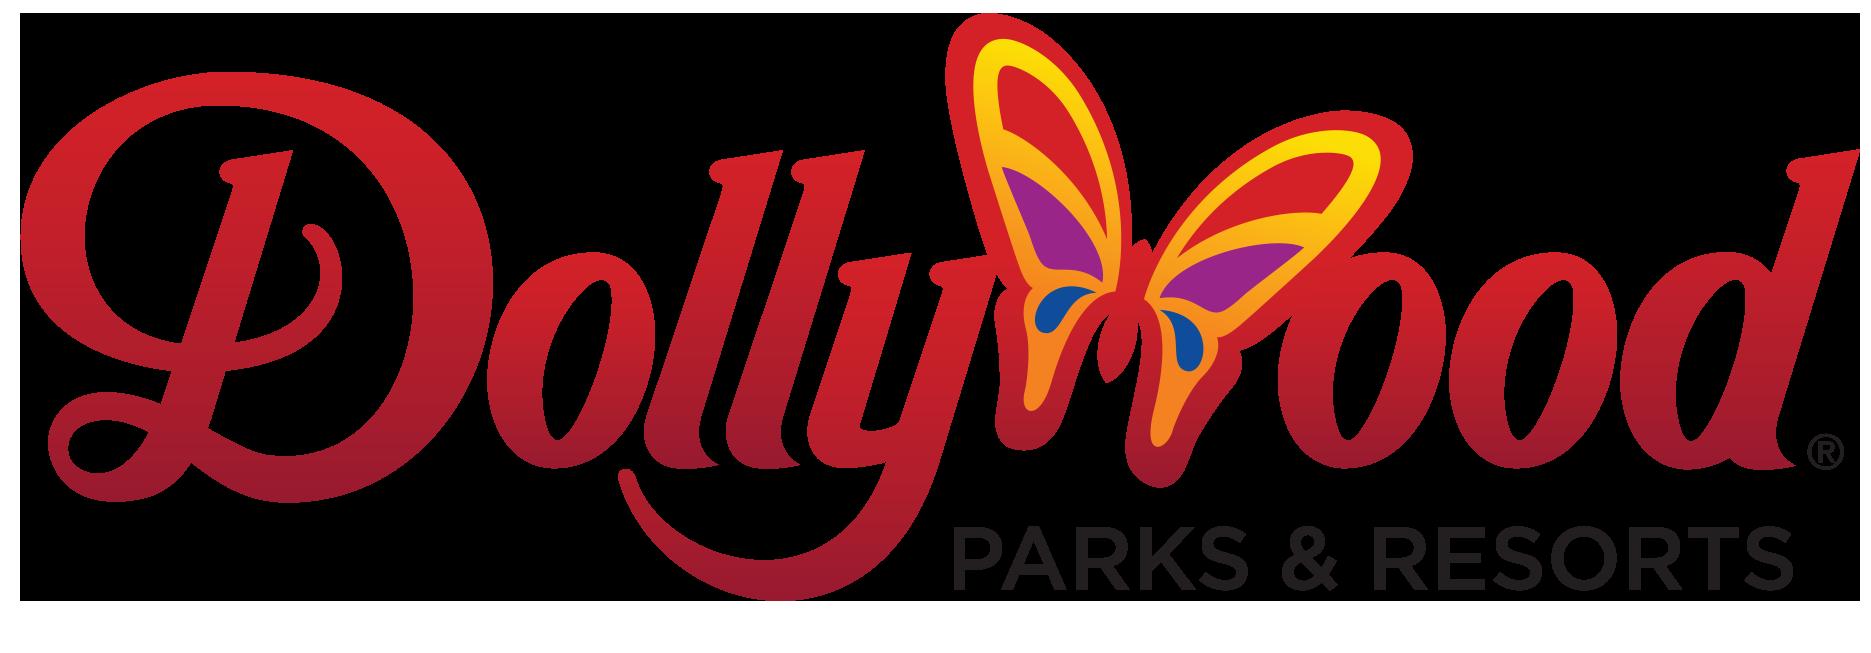 The Dollywood Company logo